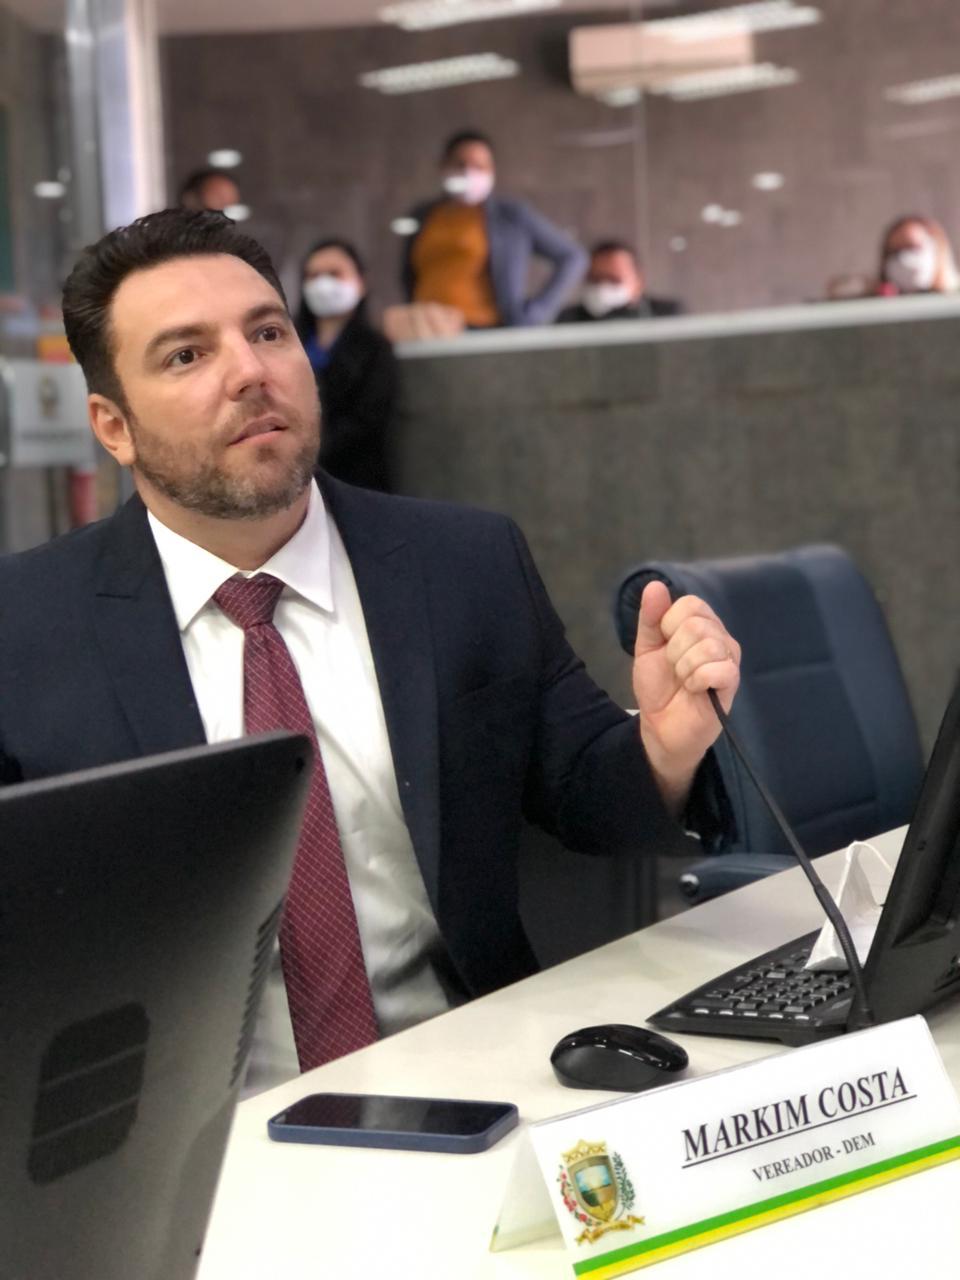 Vereador Markim Costa vai recorrer da decisão (Divulgação)